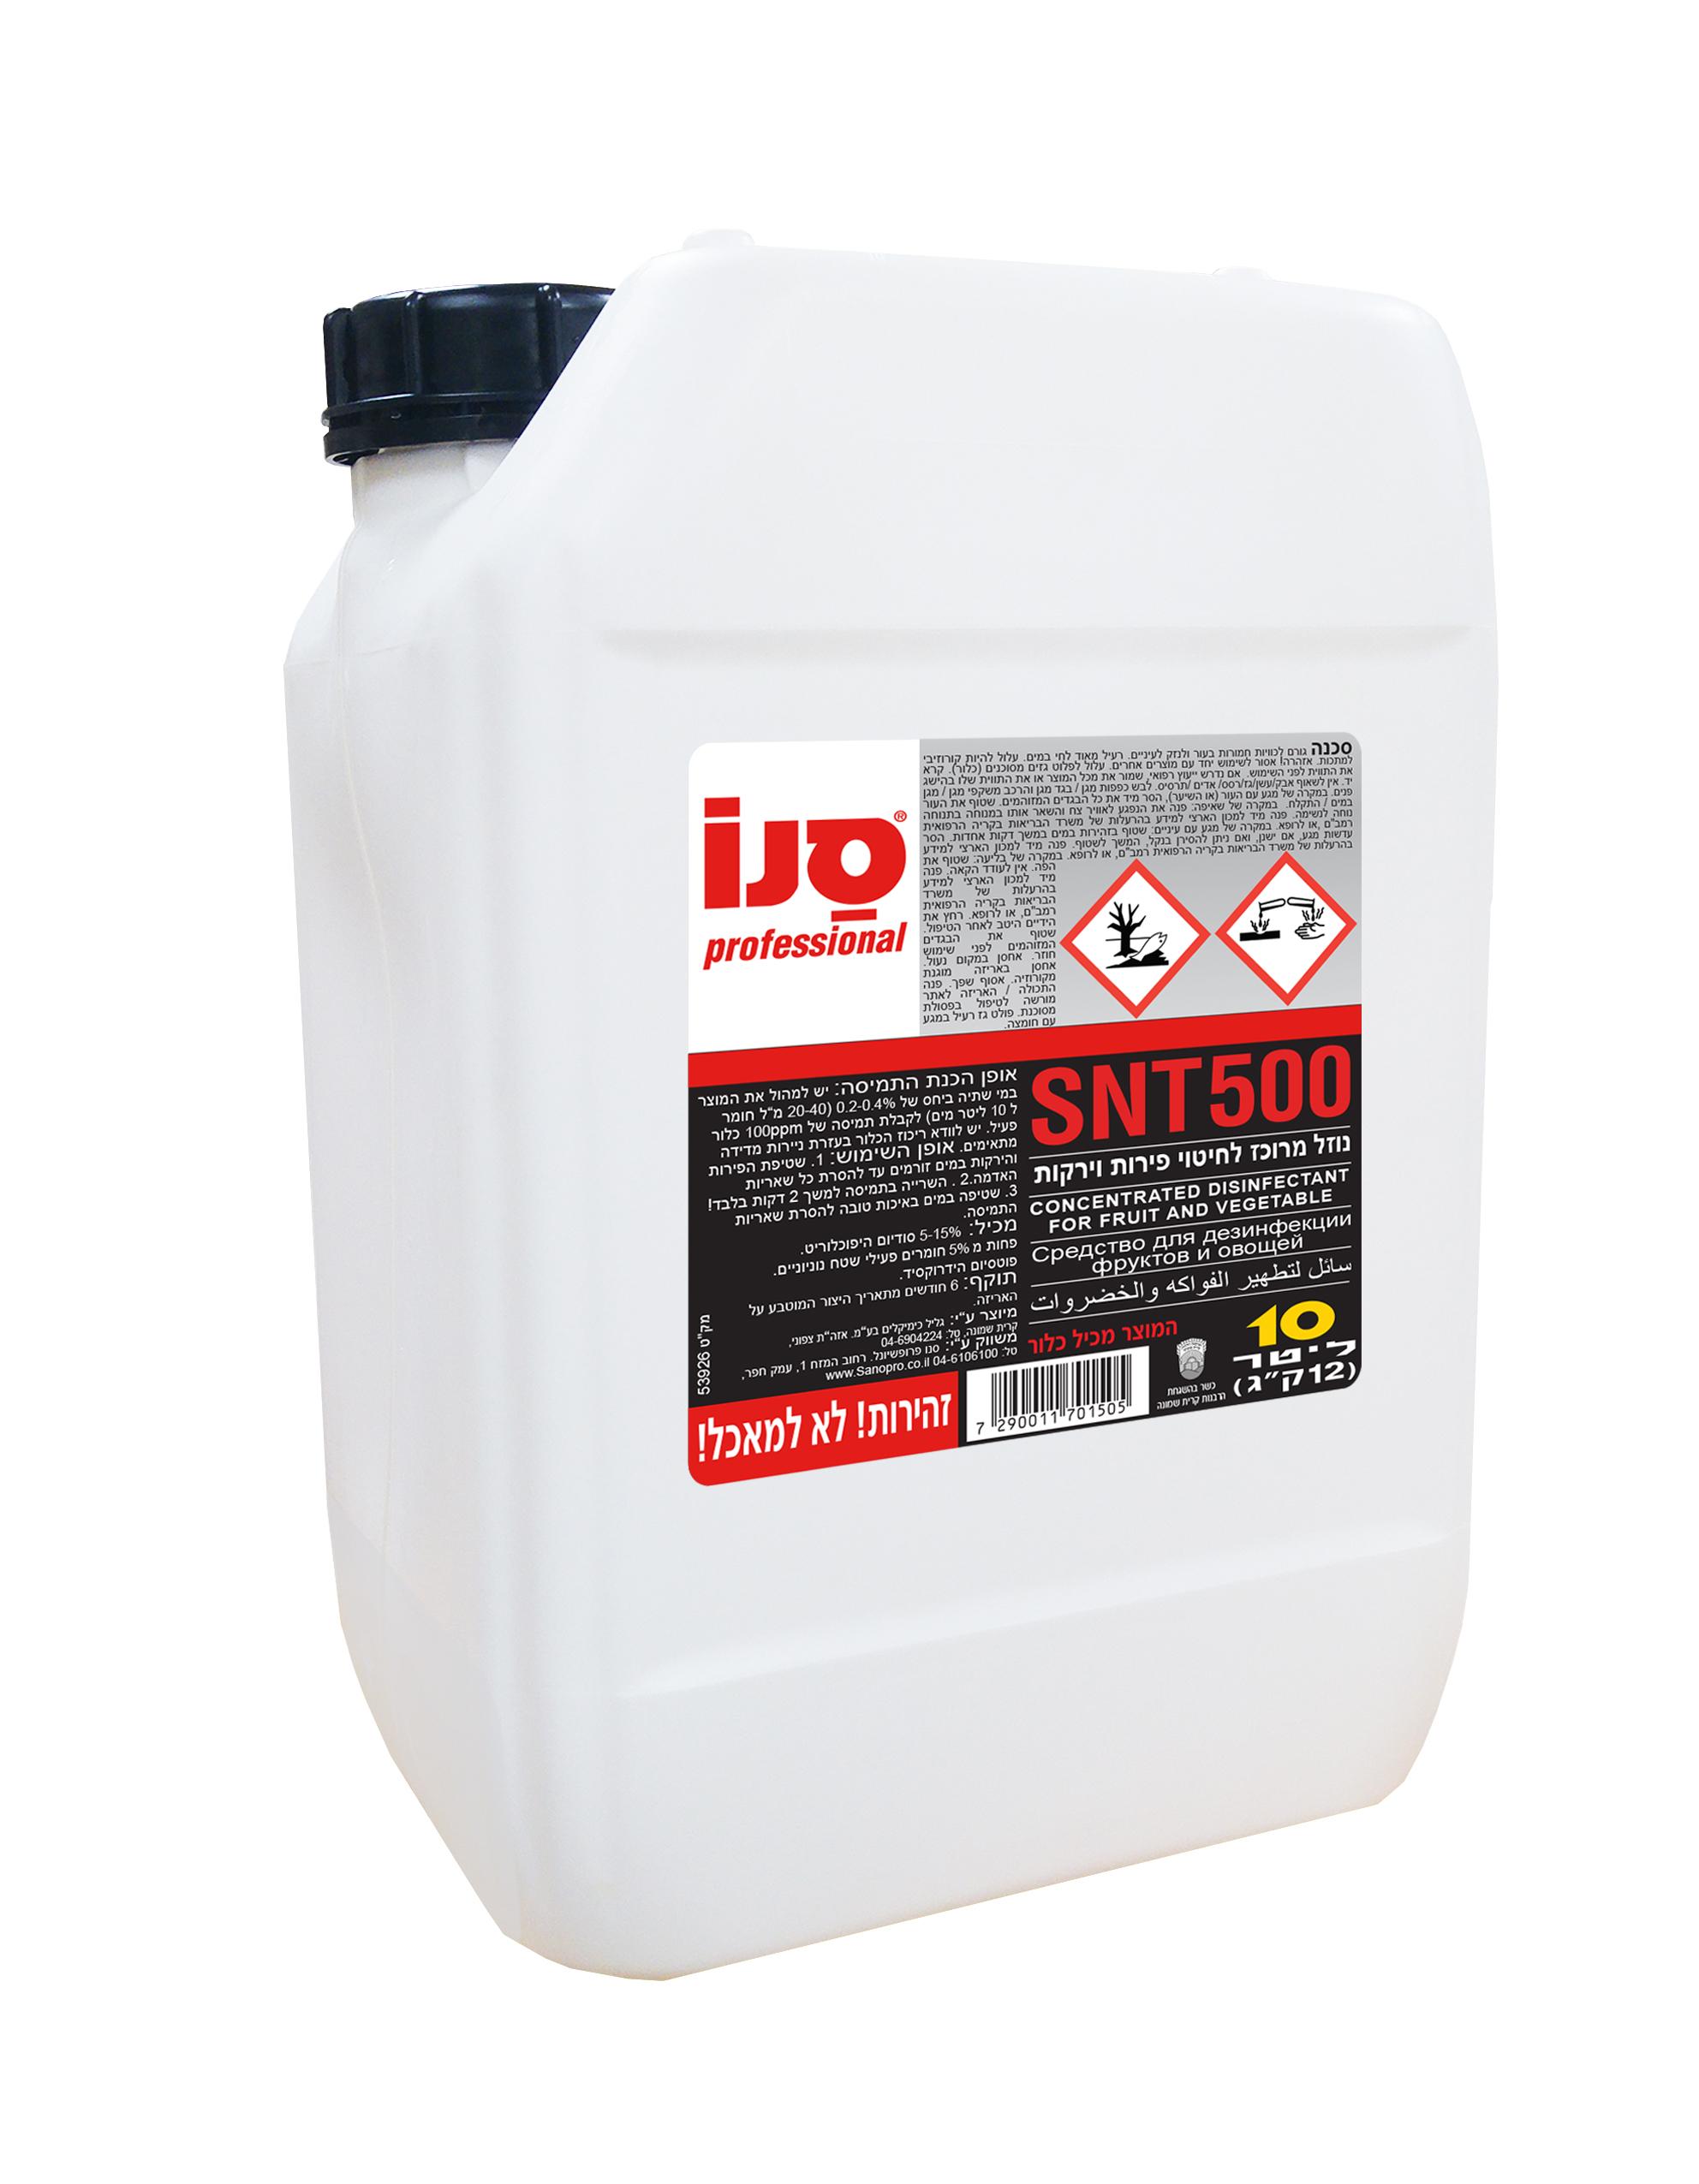 SNT500